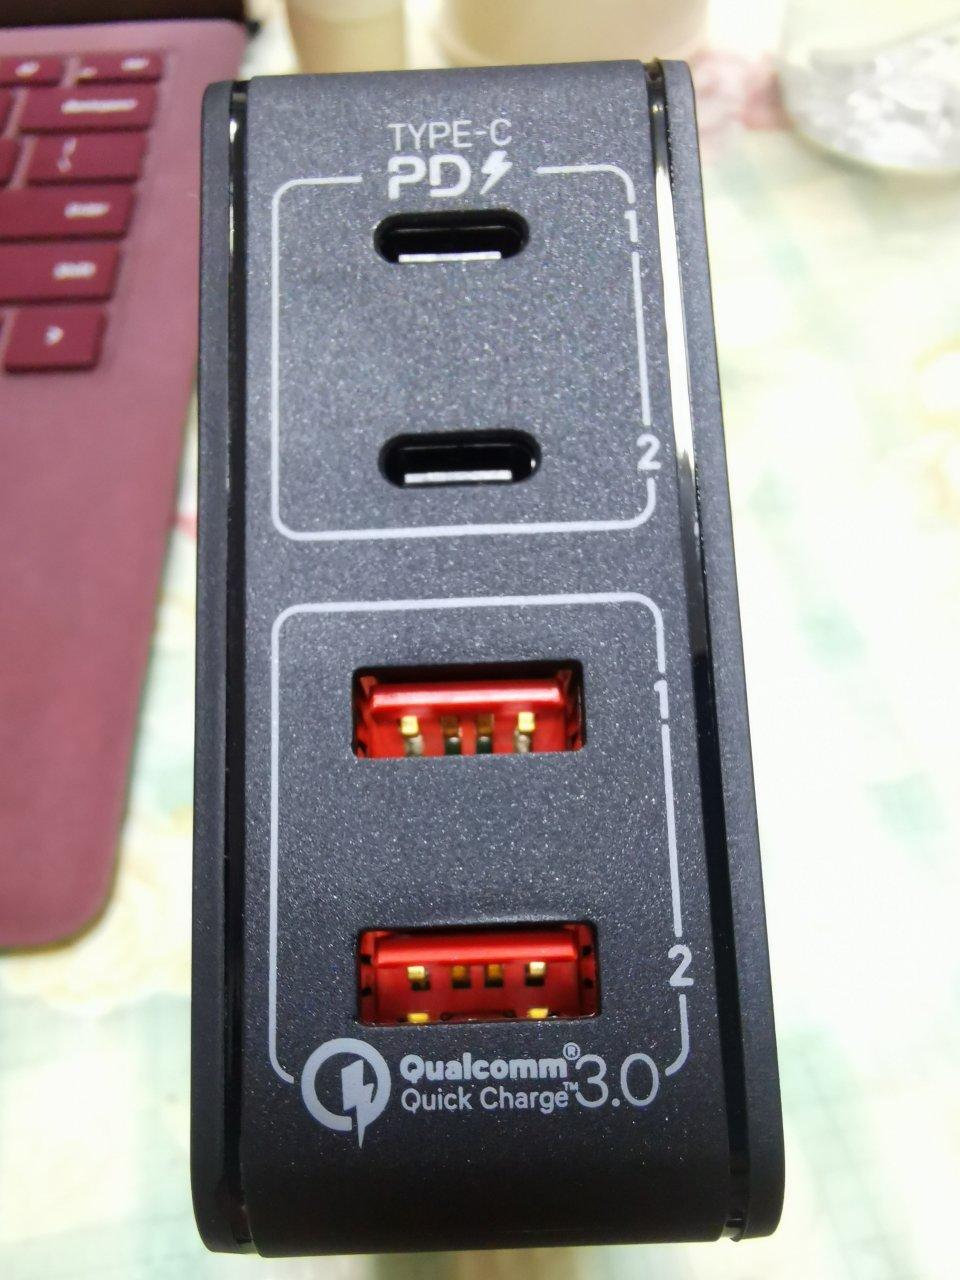 摩米士4接口PD快充充电器,小巧便携兼容协议广